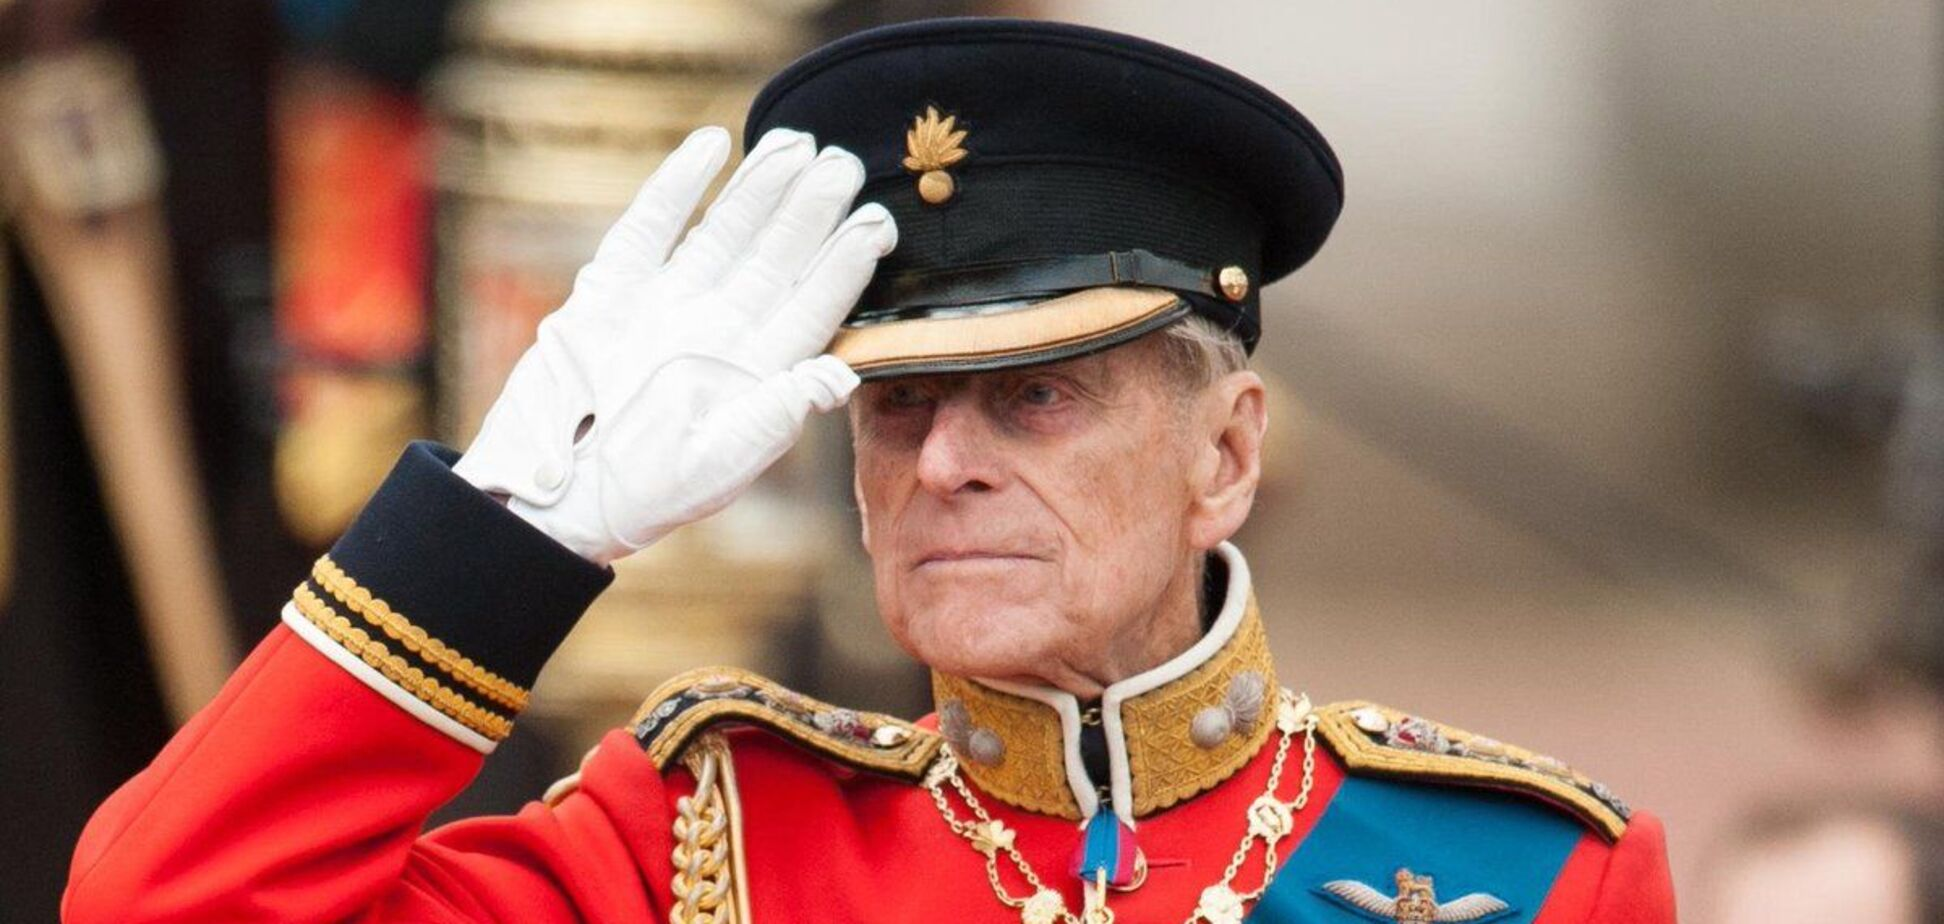 Стало відомо, хто успадкує титул герцога Единбурзького після смерті принца Філіпа